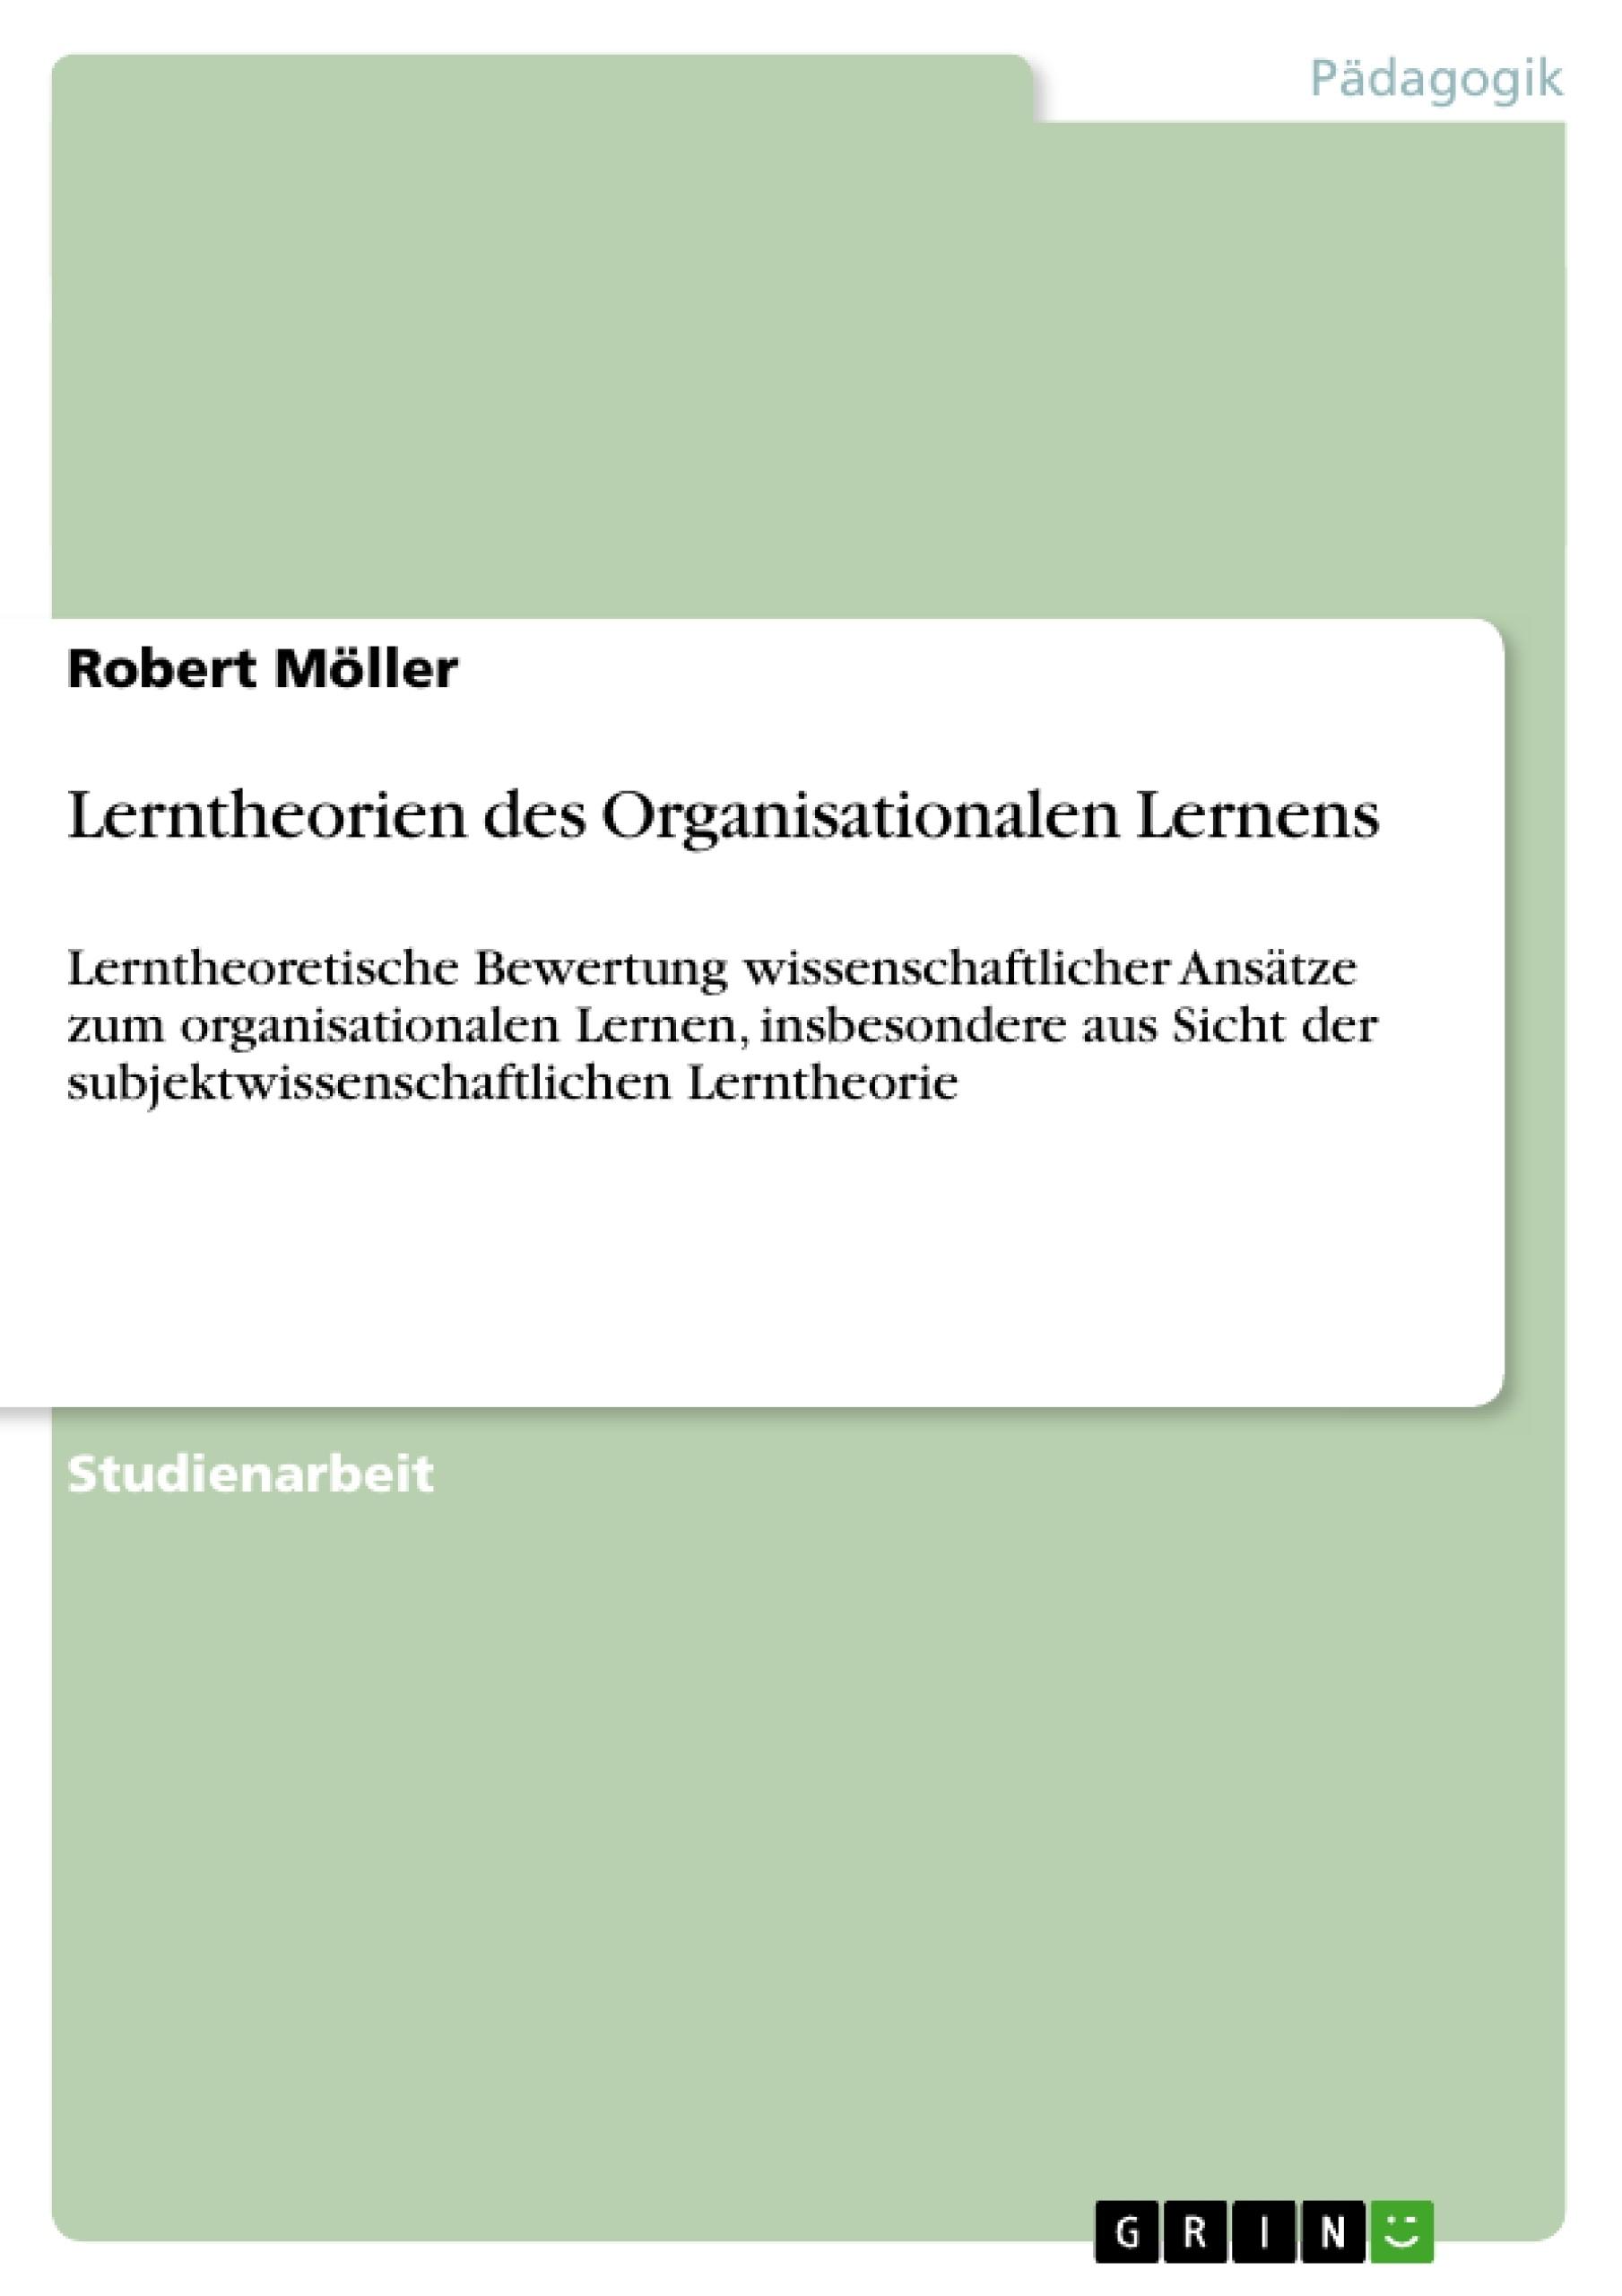 Titel: Lerntheorien des Organisationalen Lernens